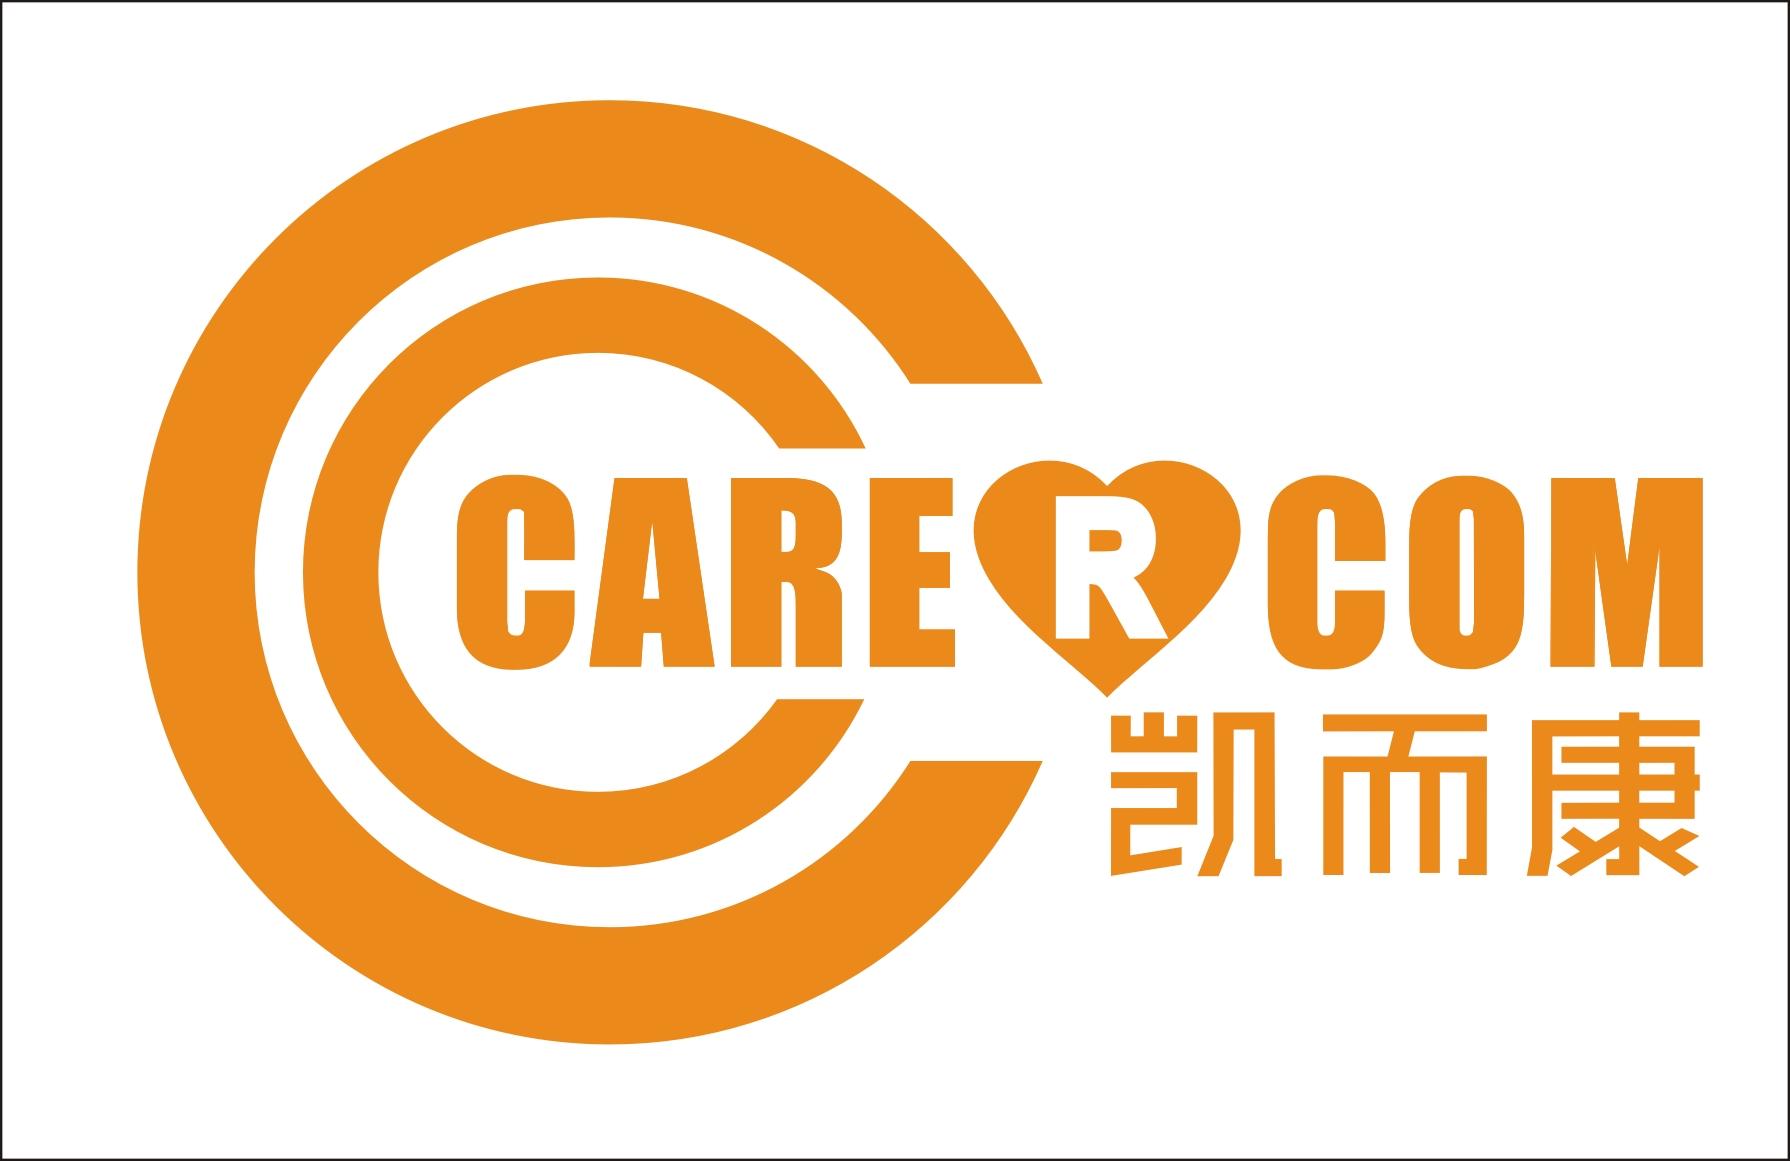 深圳市凯而康智能科技有限公司-第五届中国国际老龄产业博览会